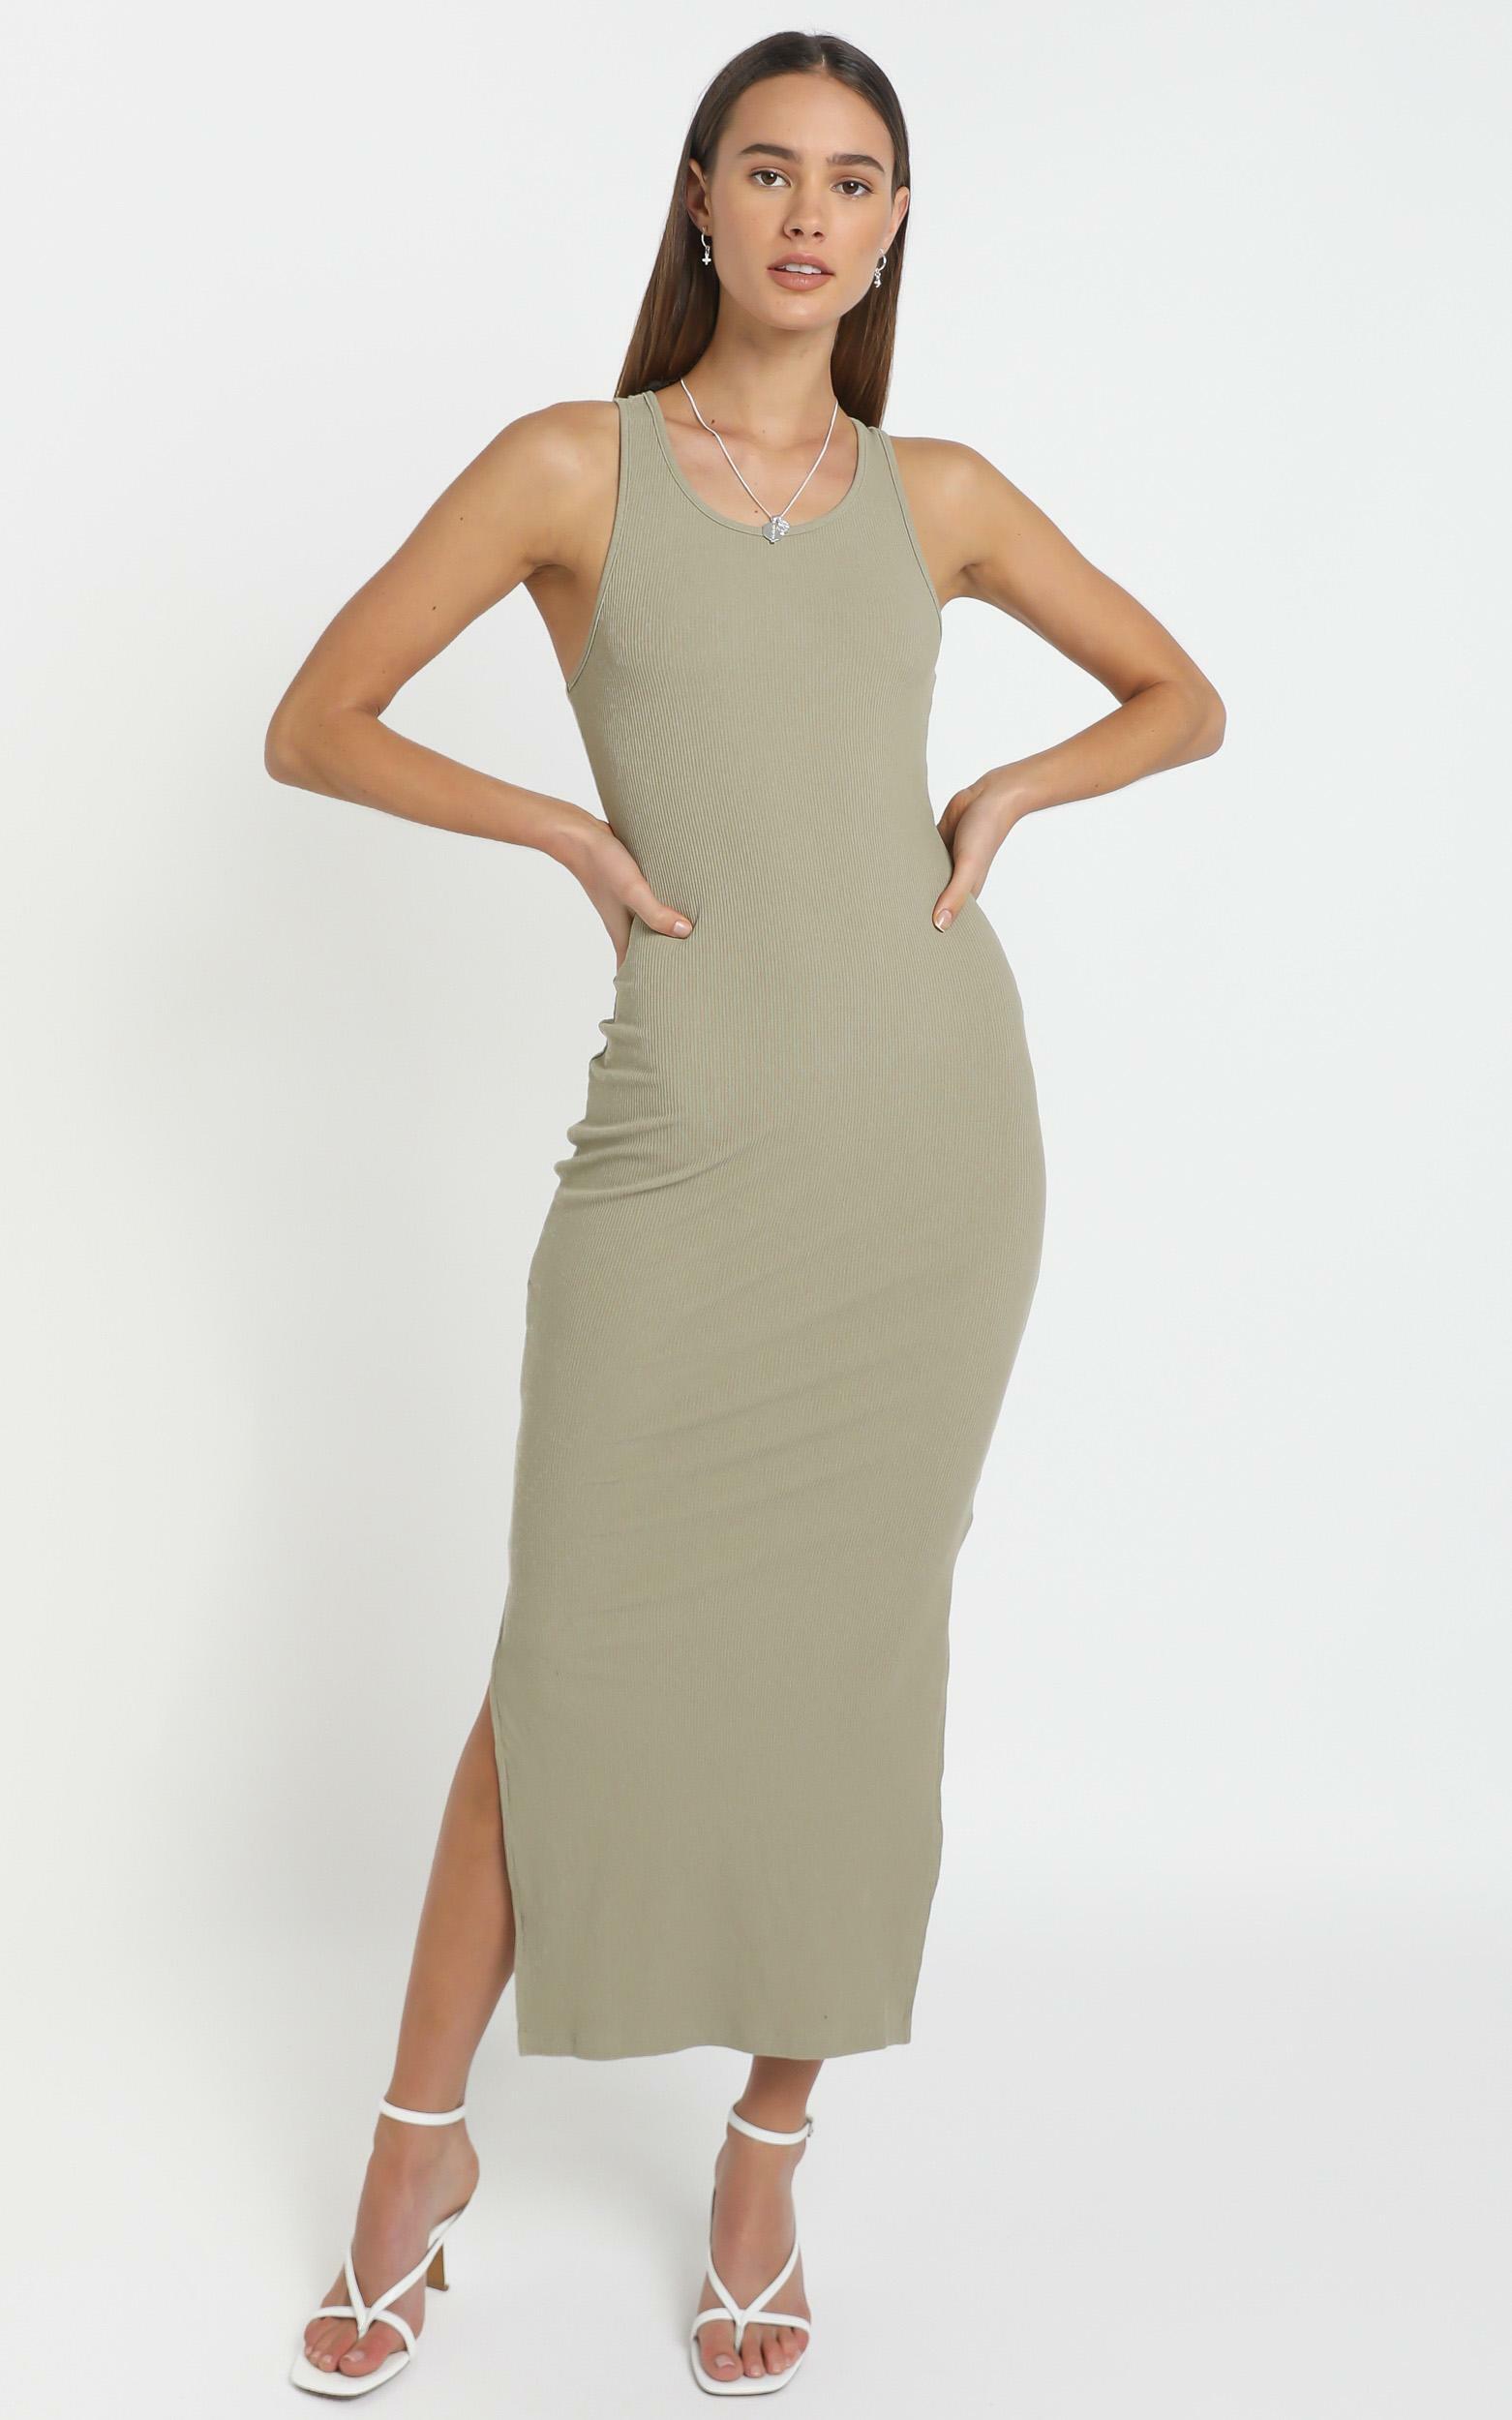 Estelle Dress in Olive - 12, GRN3, hi-res image number null